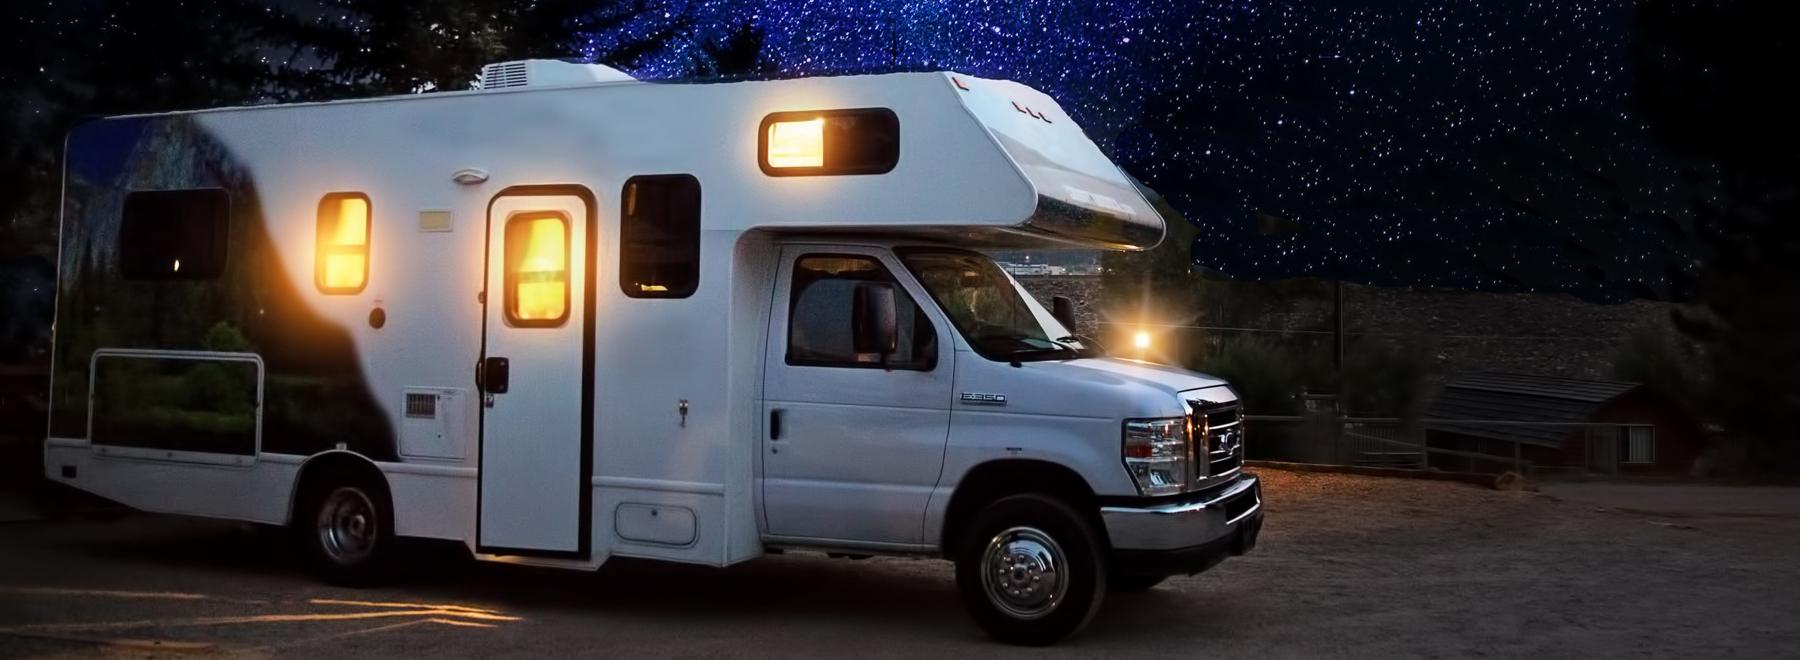 Secure, Convenient, Vehicle Storage